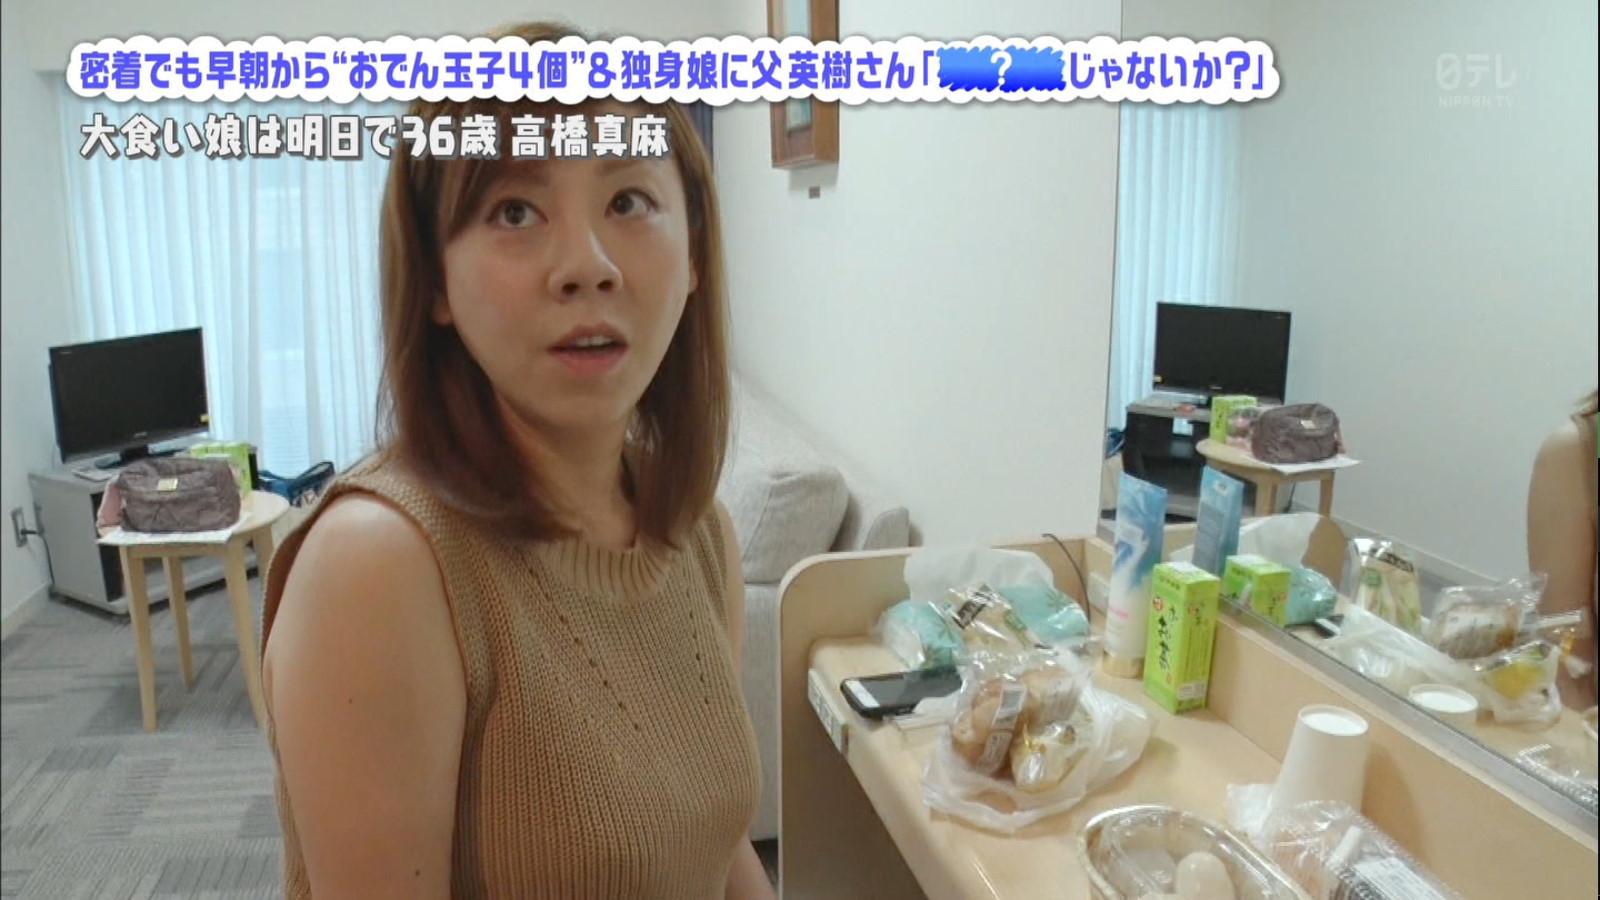 高橋真麻の爆乳おっぱい(Hカップ)が結婚で妊娠したらもっとデカくなりそう・・・